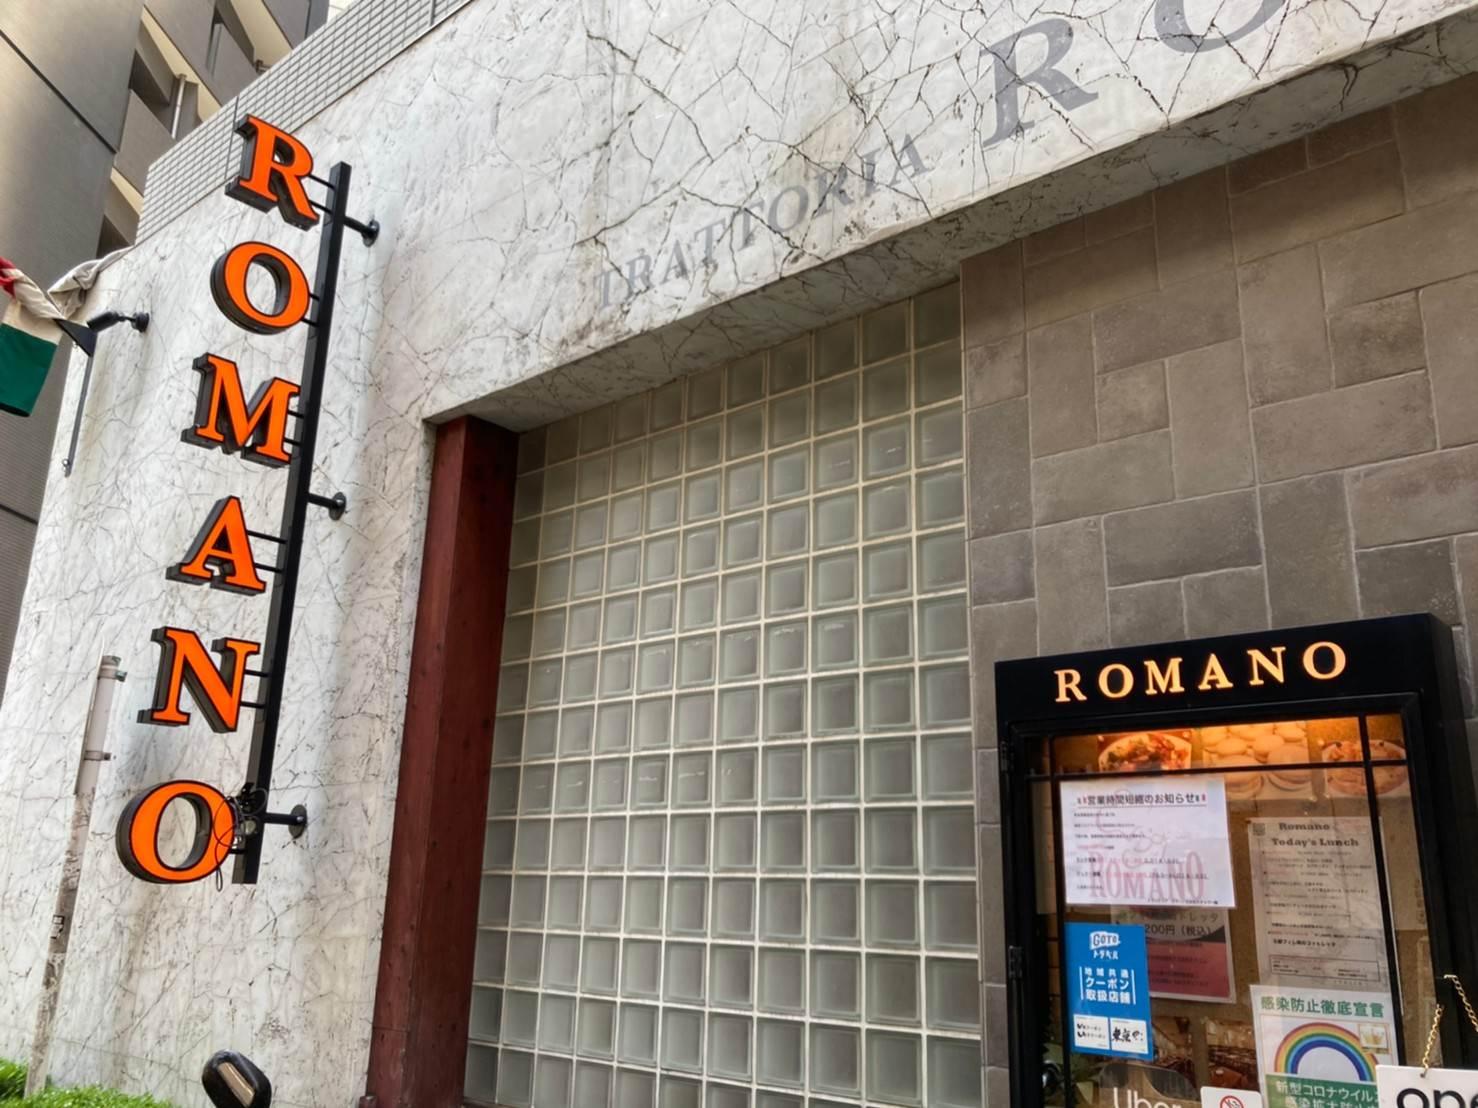 【五反田駅近】レストラン「ロマーノ 五反田」の紹介!コスパ最強の採算度外視手作りイタリアン!何度でも味わいたいその魅力をお伝えします